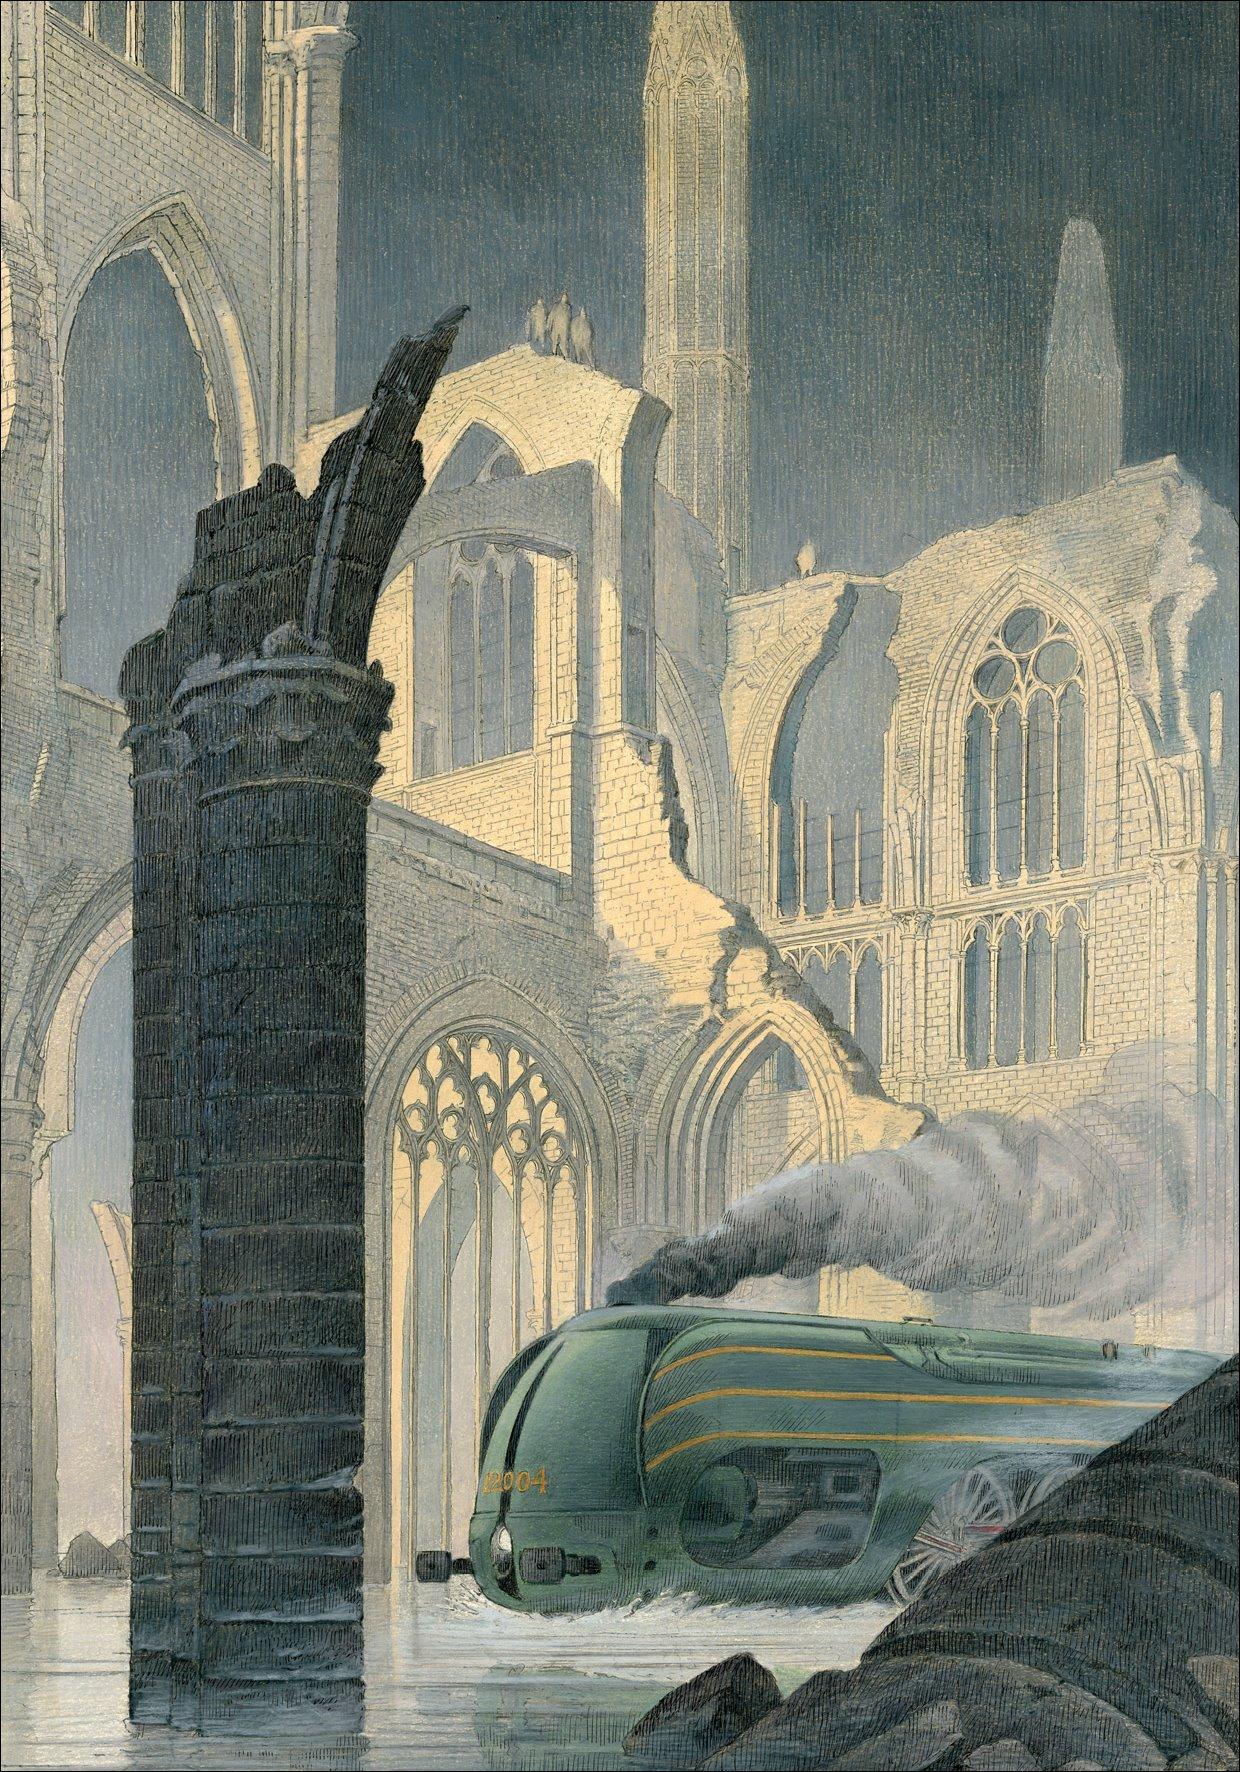 La Type 12 - Dans les ruines by François Schuiten